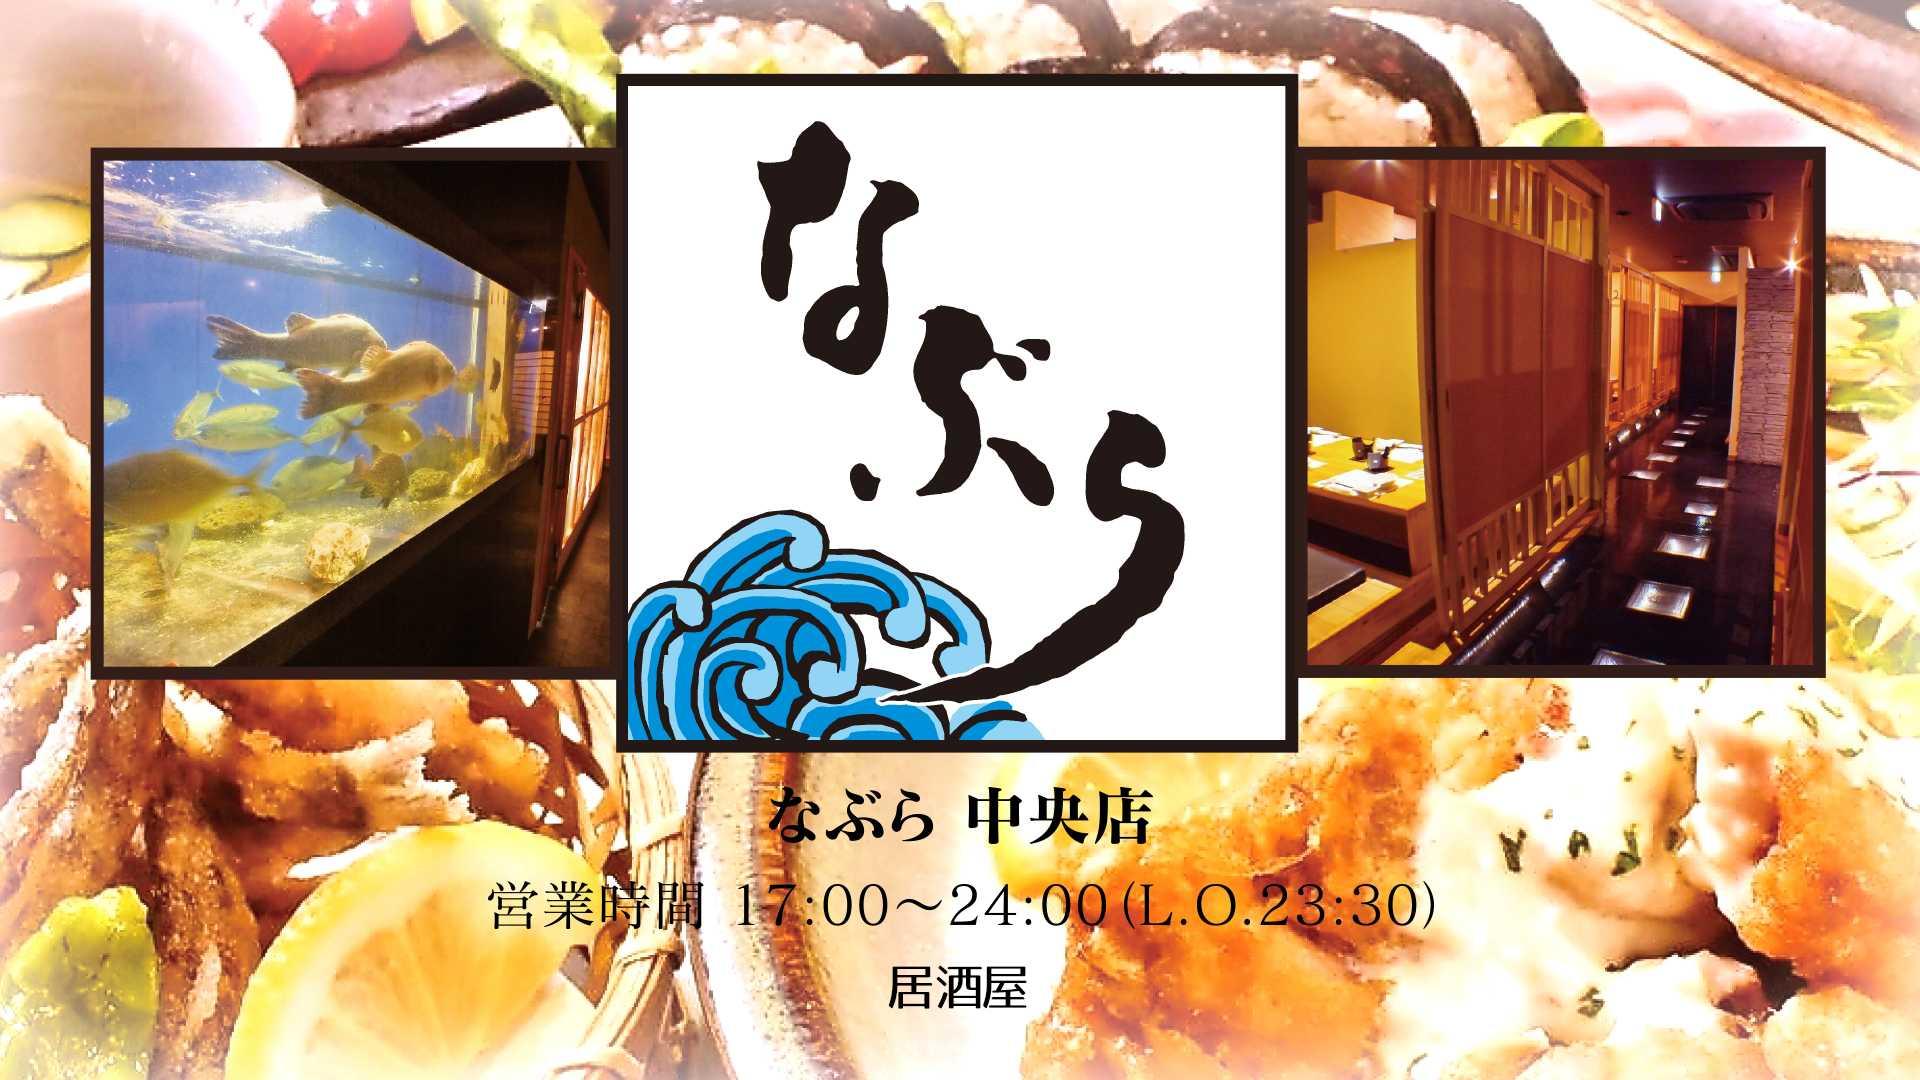 なぶら 宮崎魚料理 全席個室|宮崎市の居酒屋|ニシタチグルメガイド